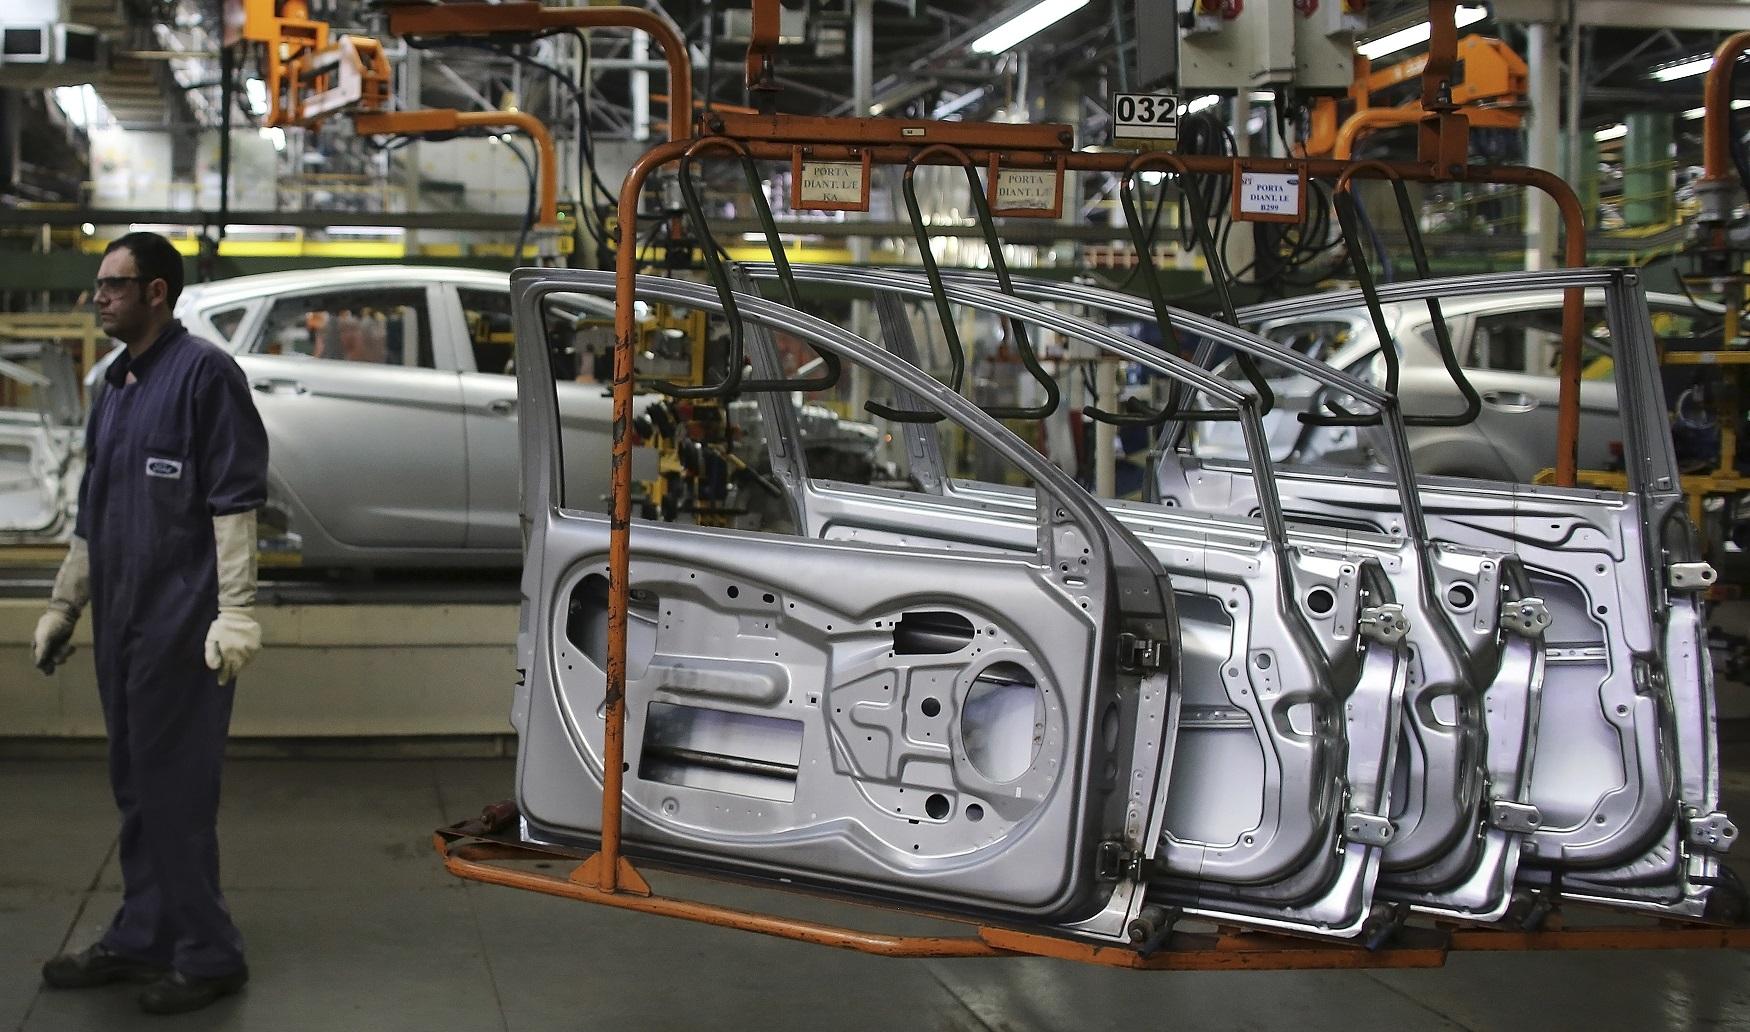 Operário trabalha em montadora; indústria automotiva; carros; veículos